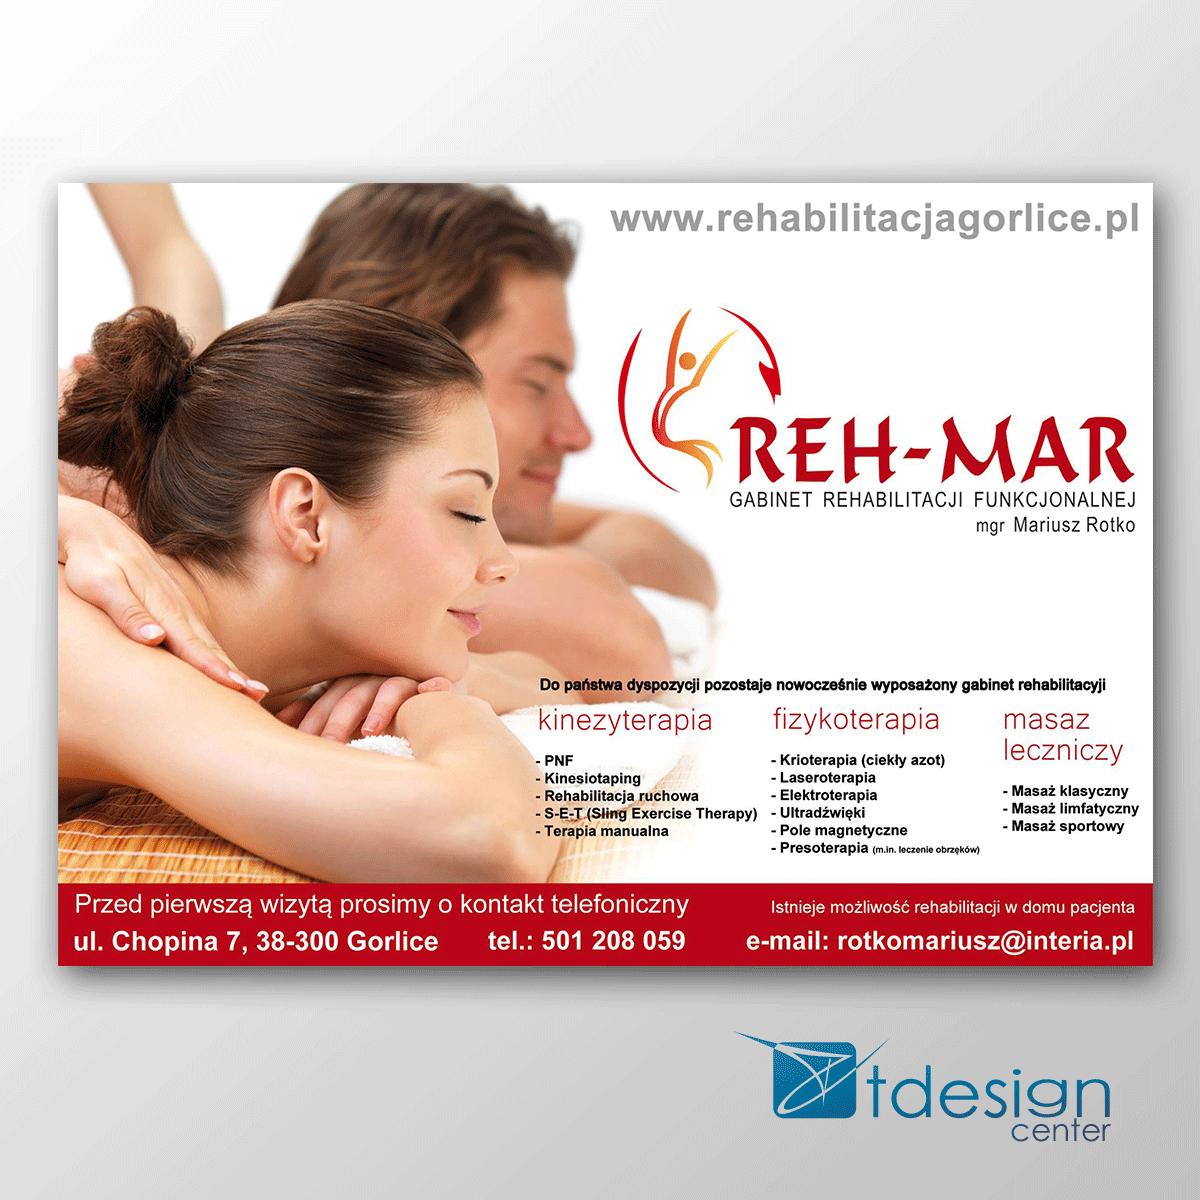 Projekt wykonany dla gabinetu rehabilitacji Reh-Mar